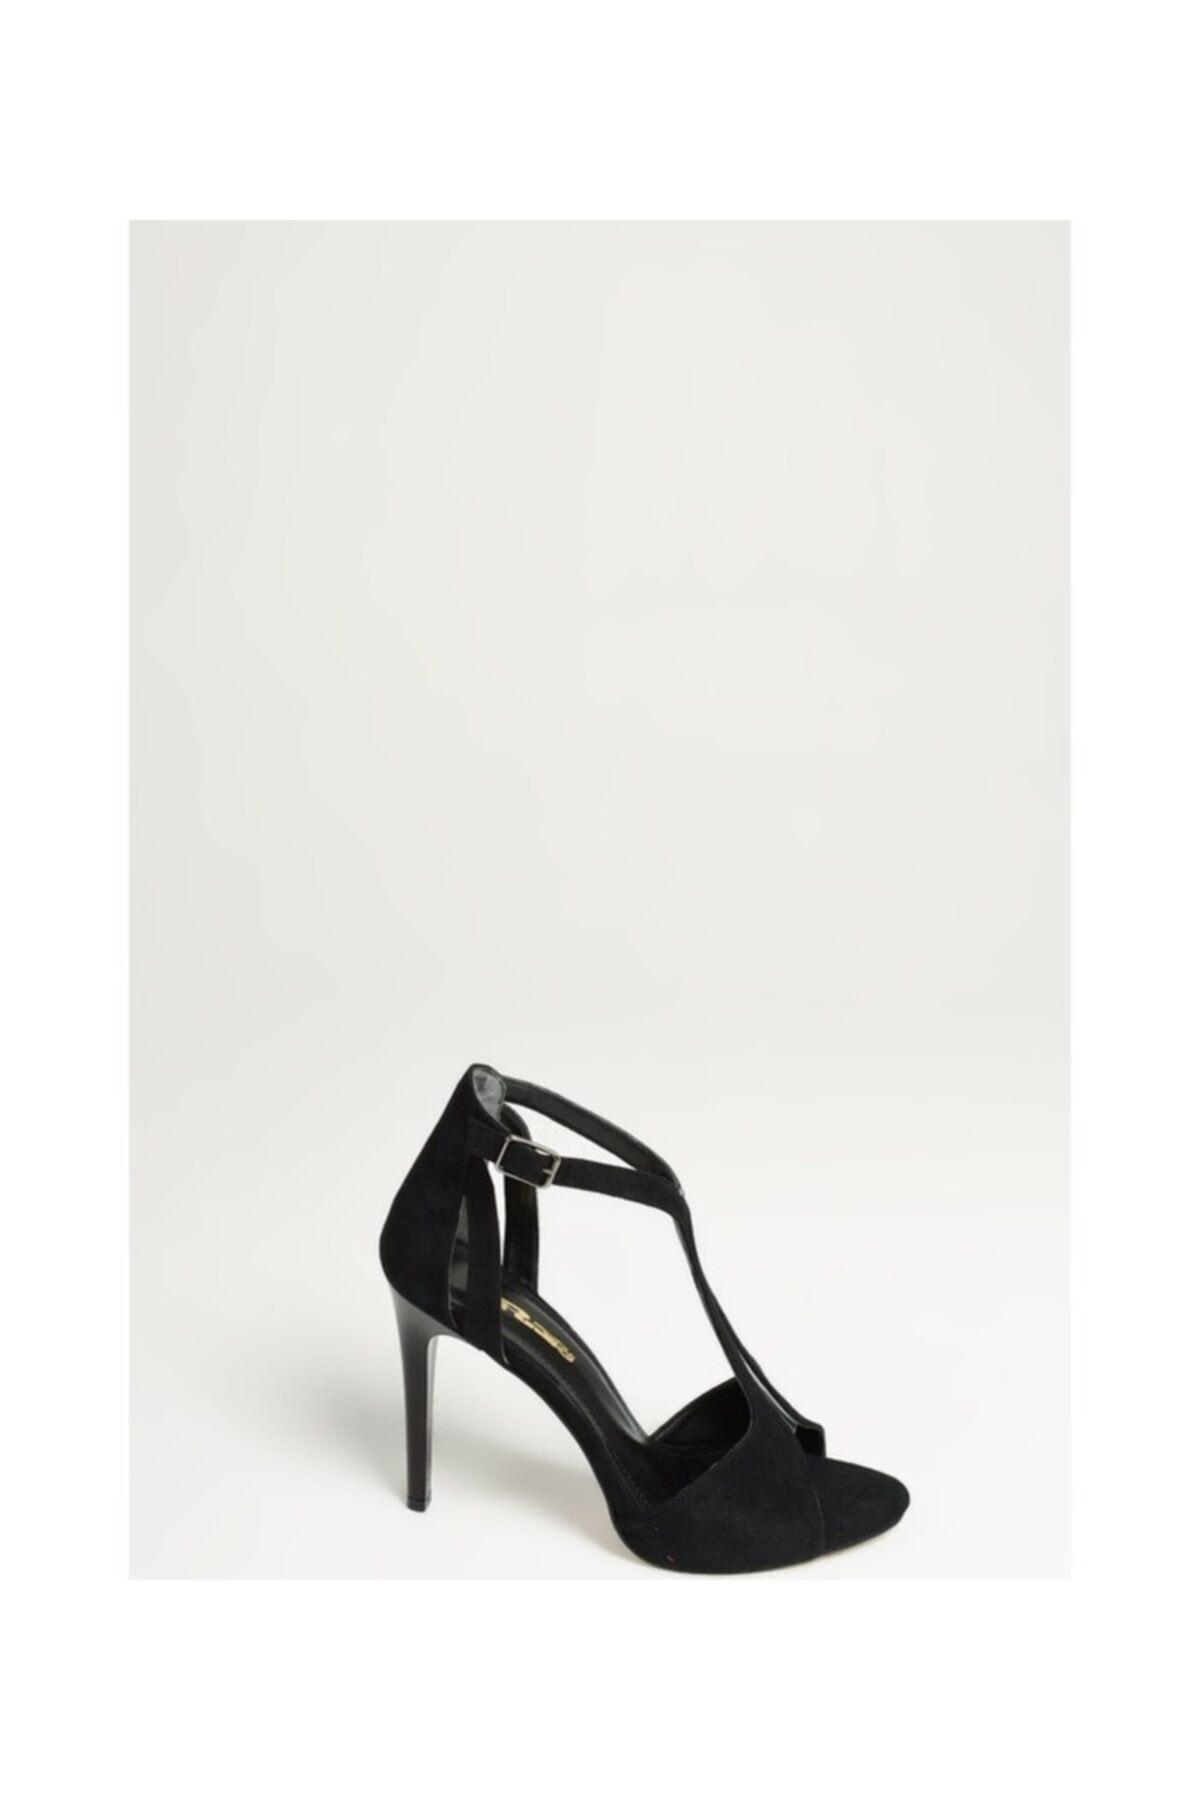 PUNTO Kadın Ayakkabı Siyah 1